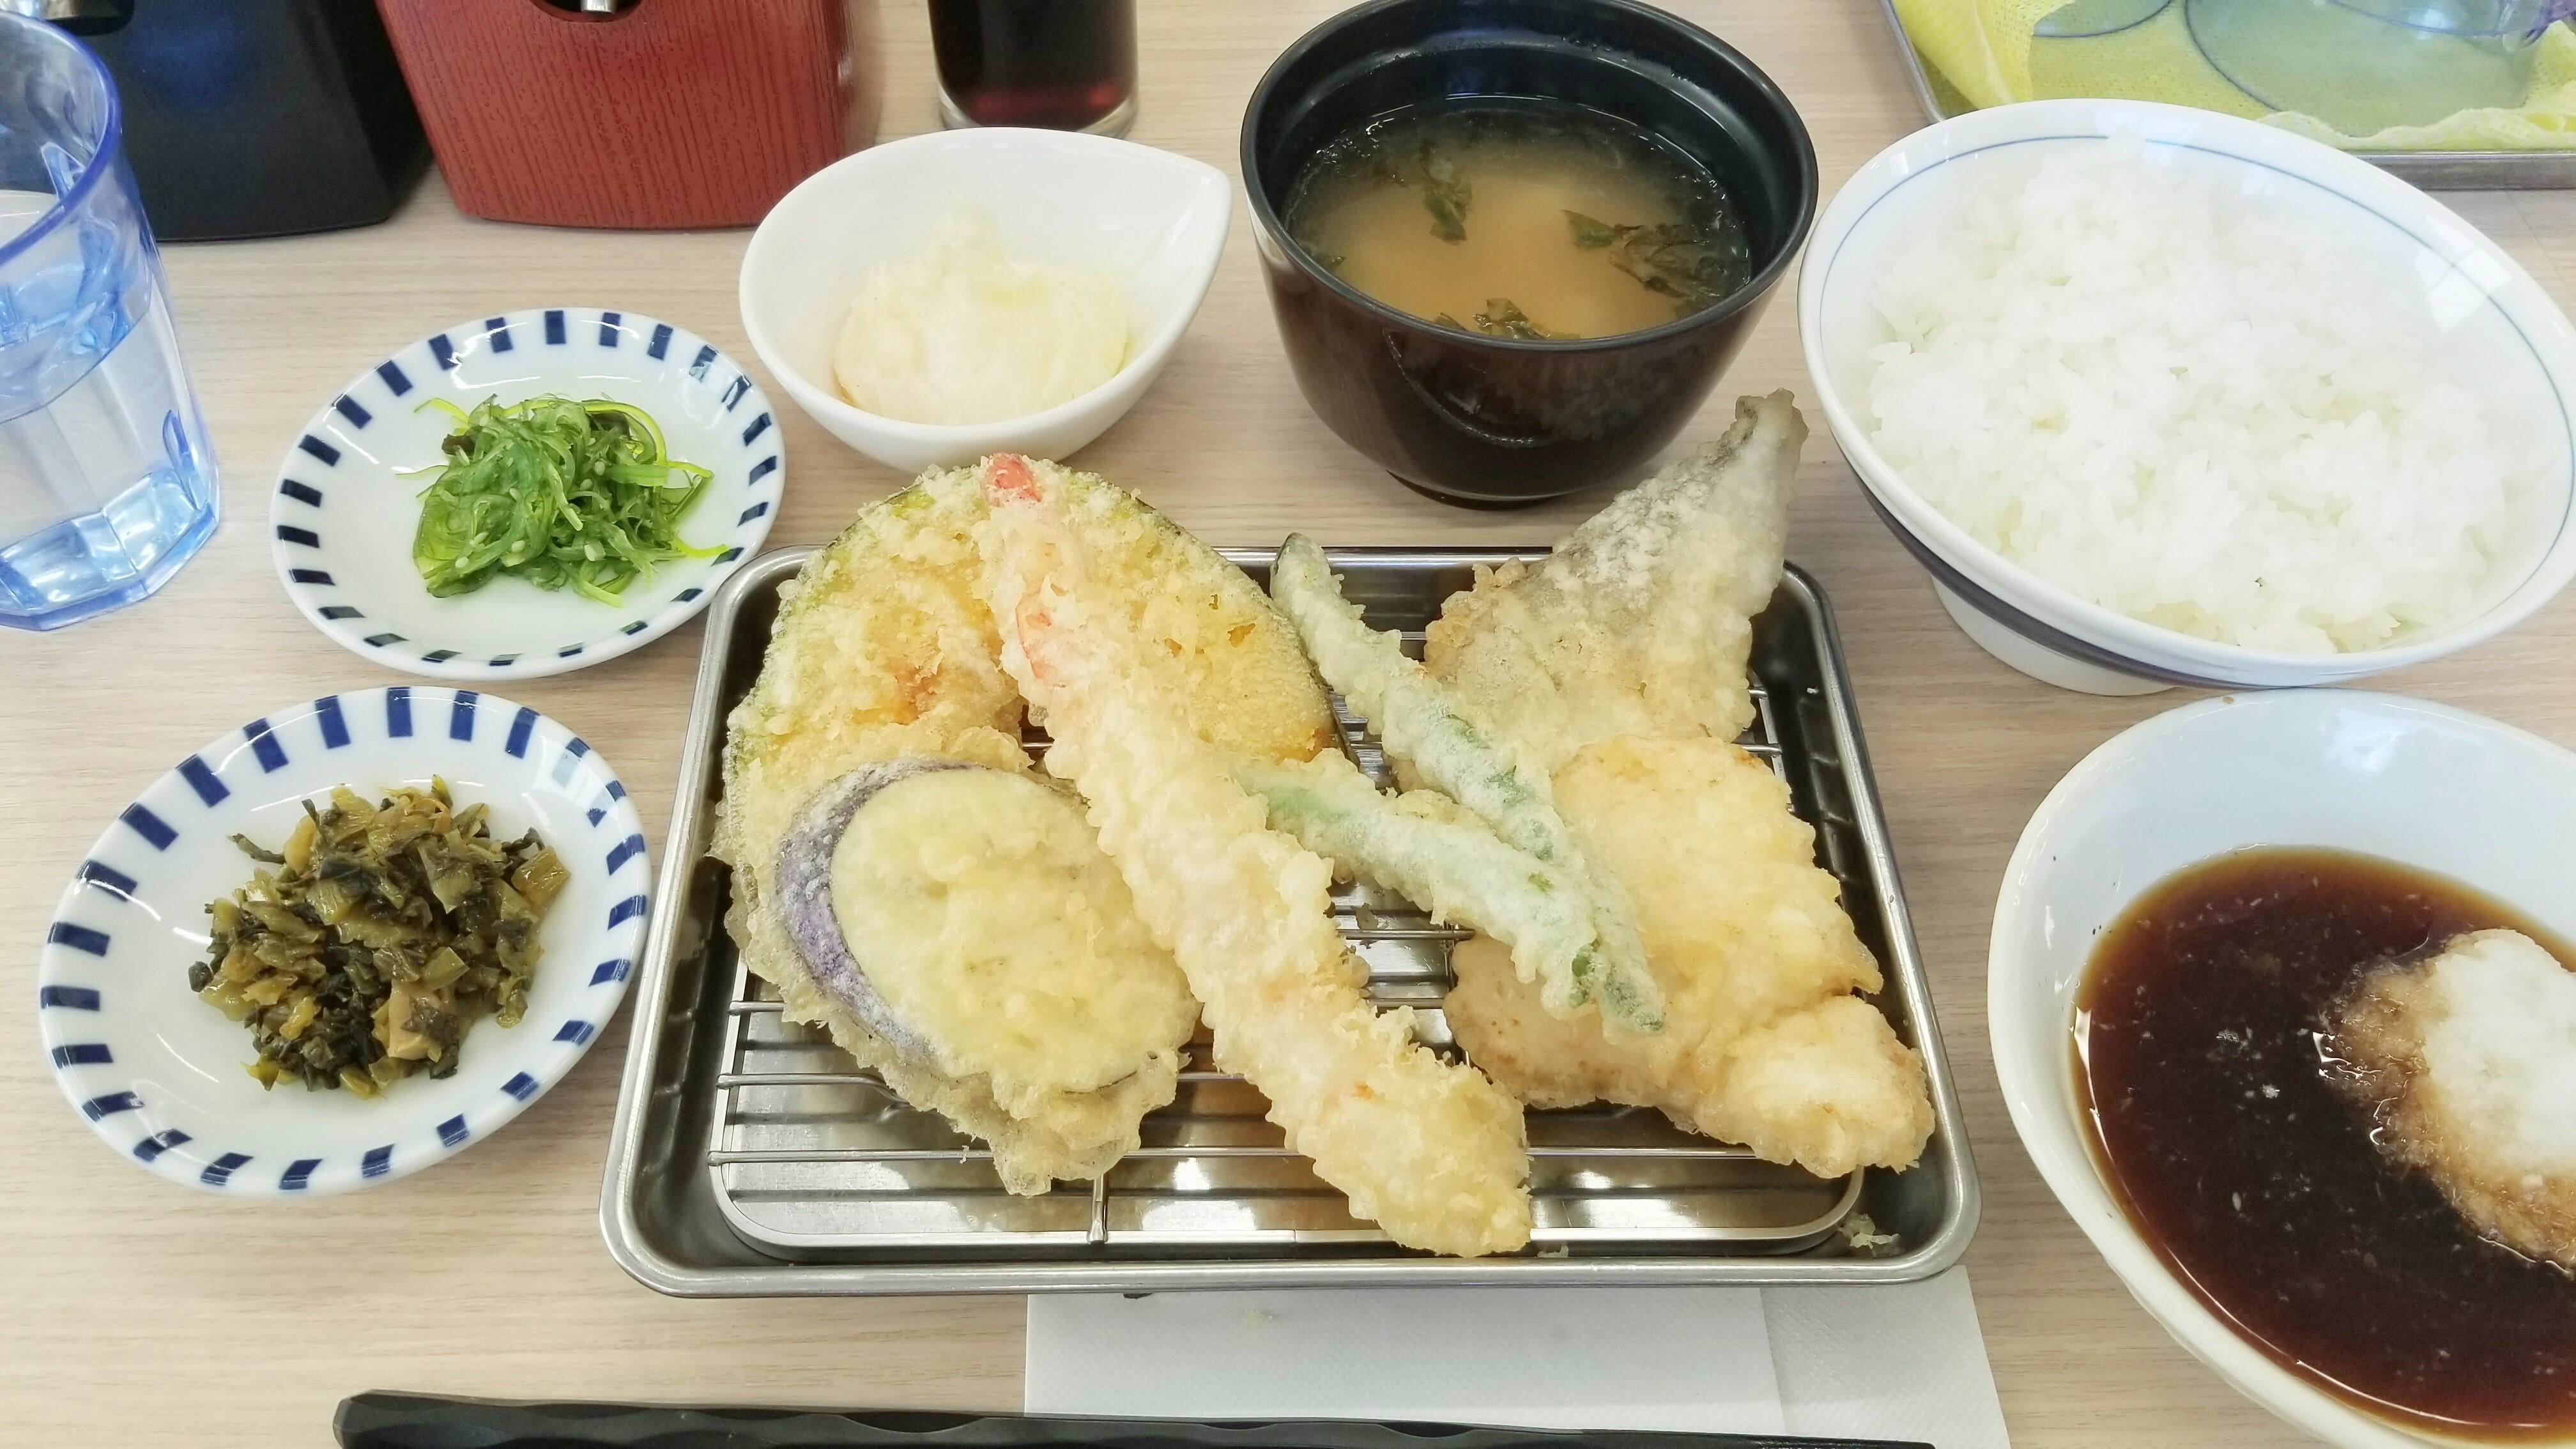 愛媛県四国ランチパスポート巡りおいしい揚げたて天ぷら定食人気